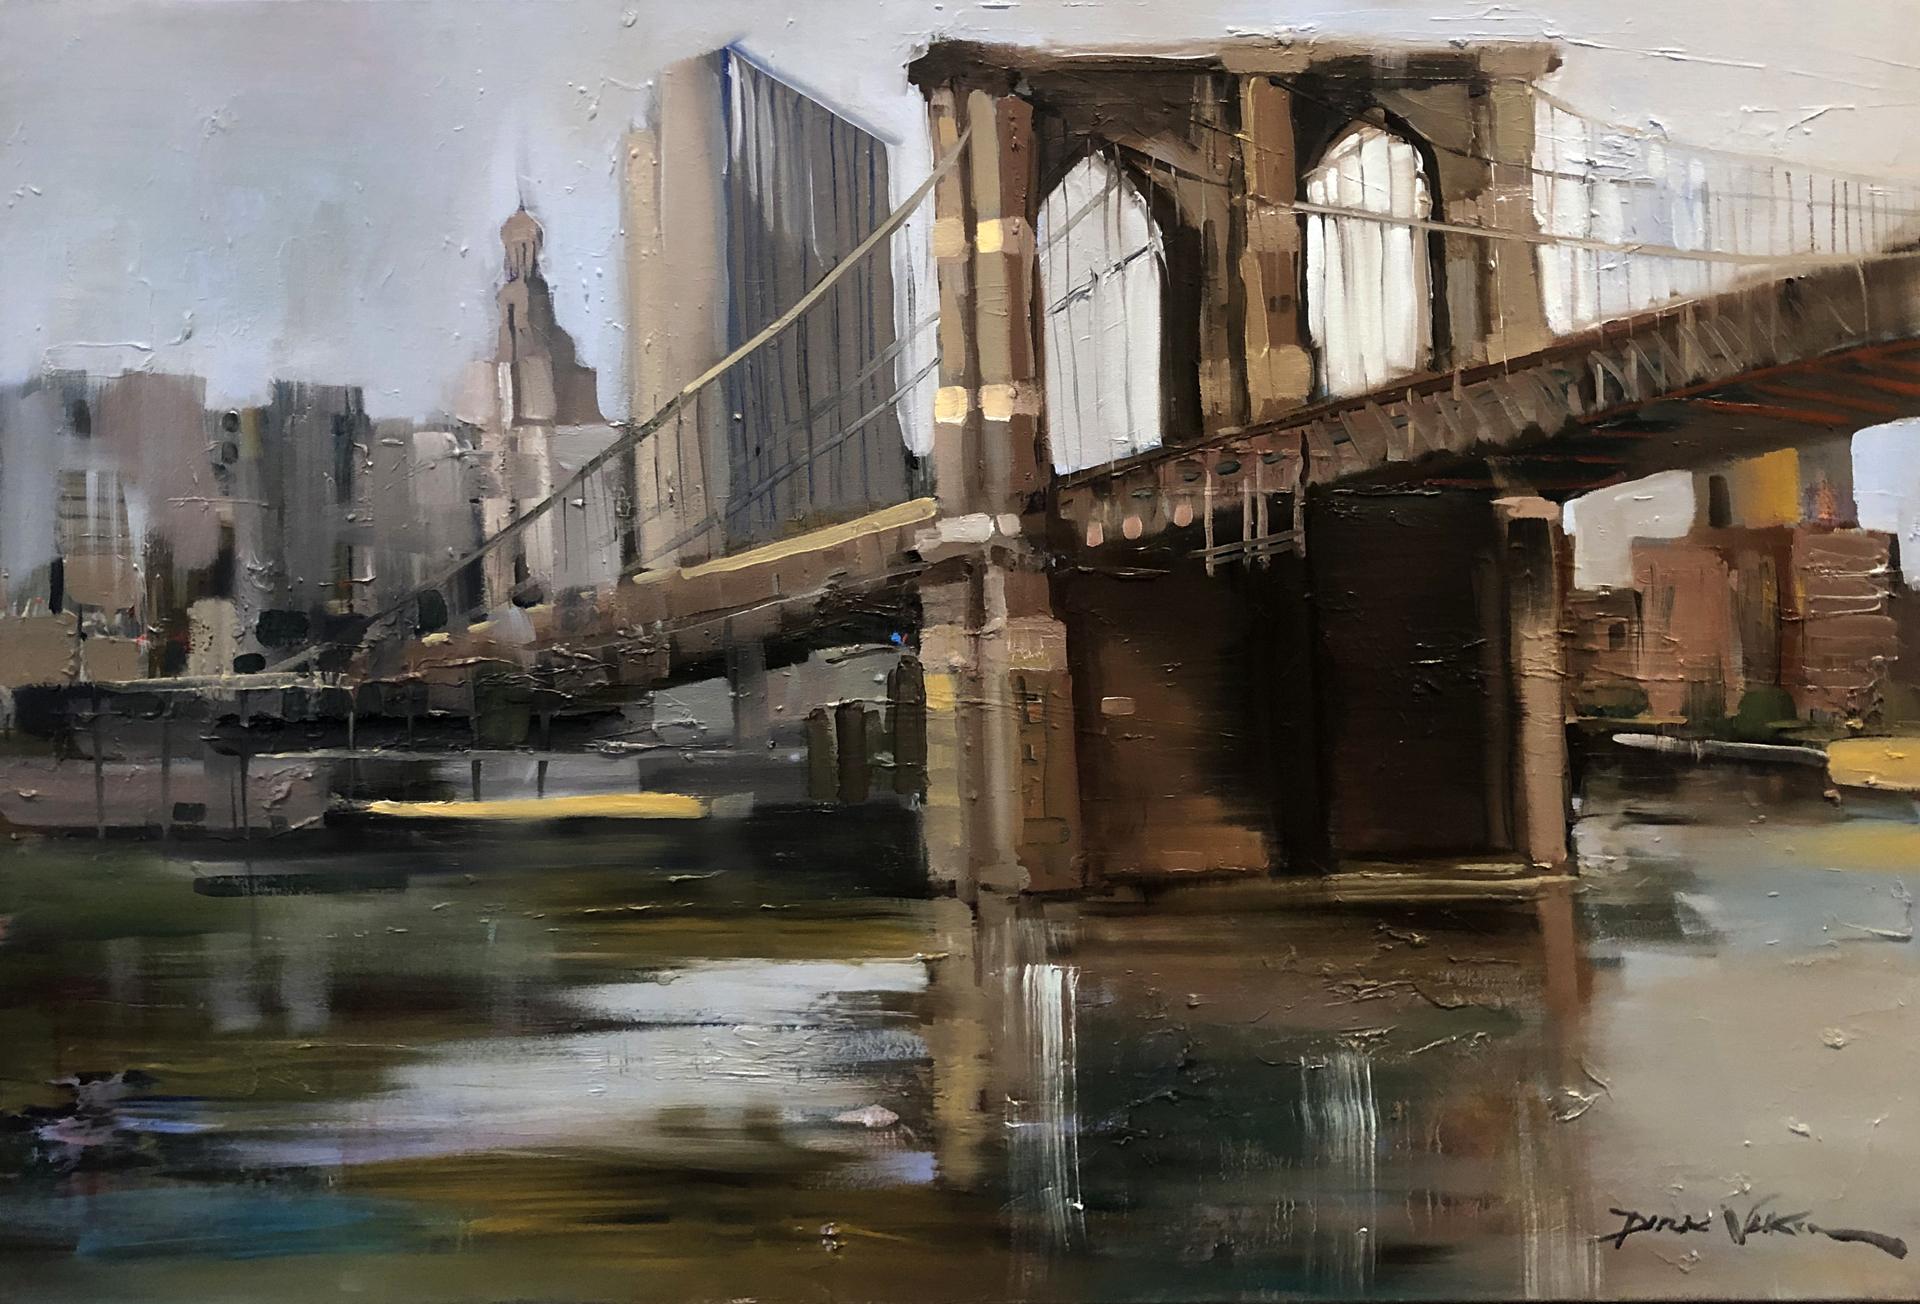 Bridges of NYC by Dirk Walker